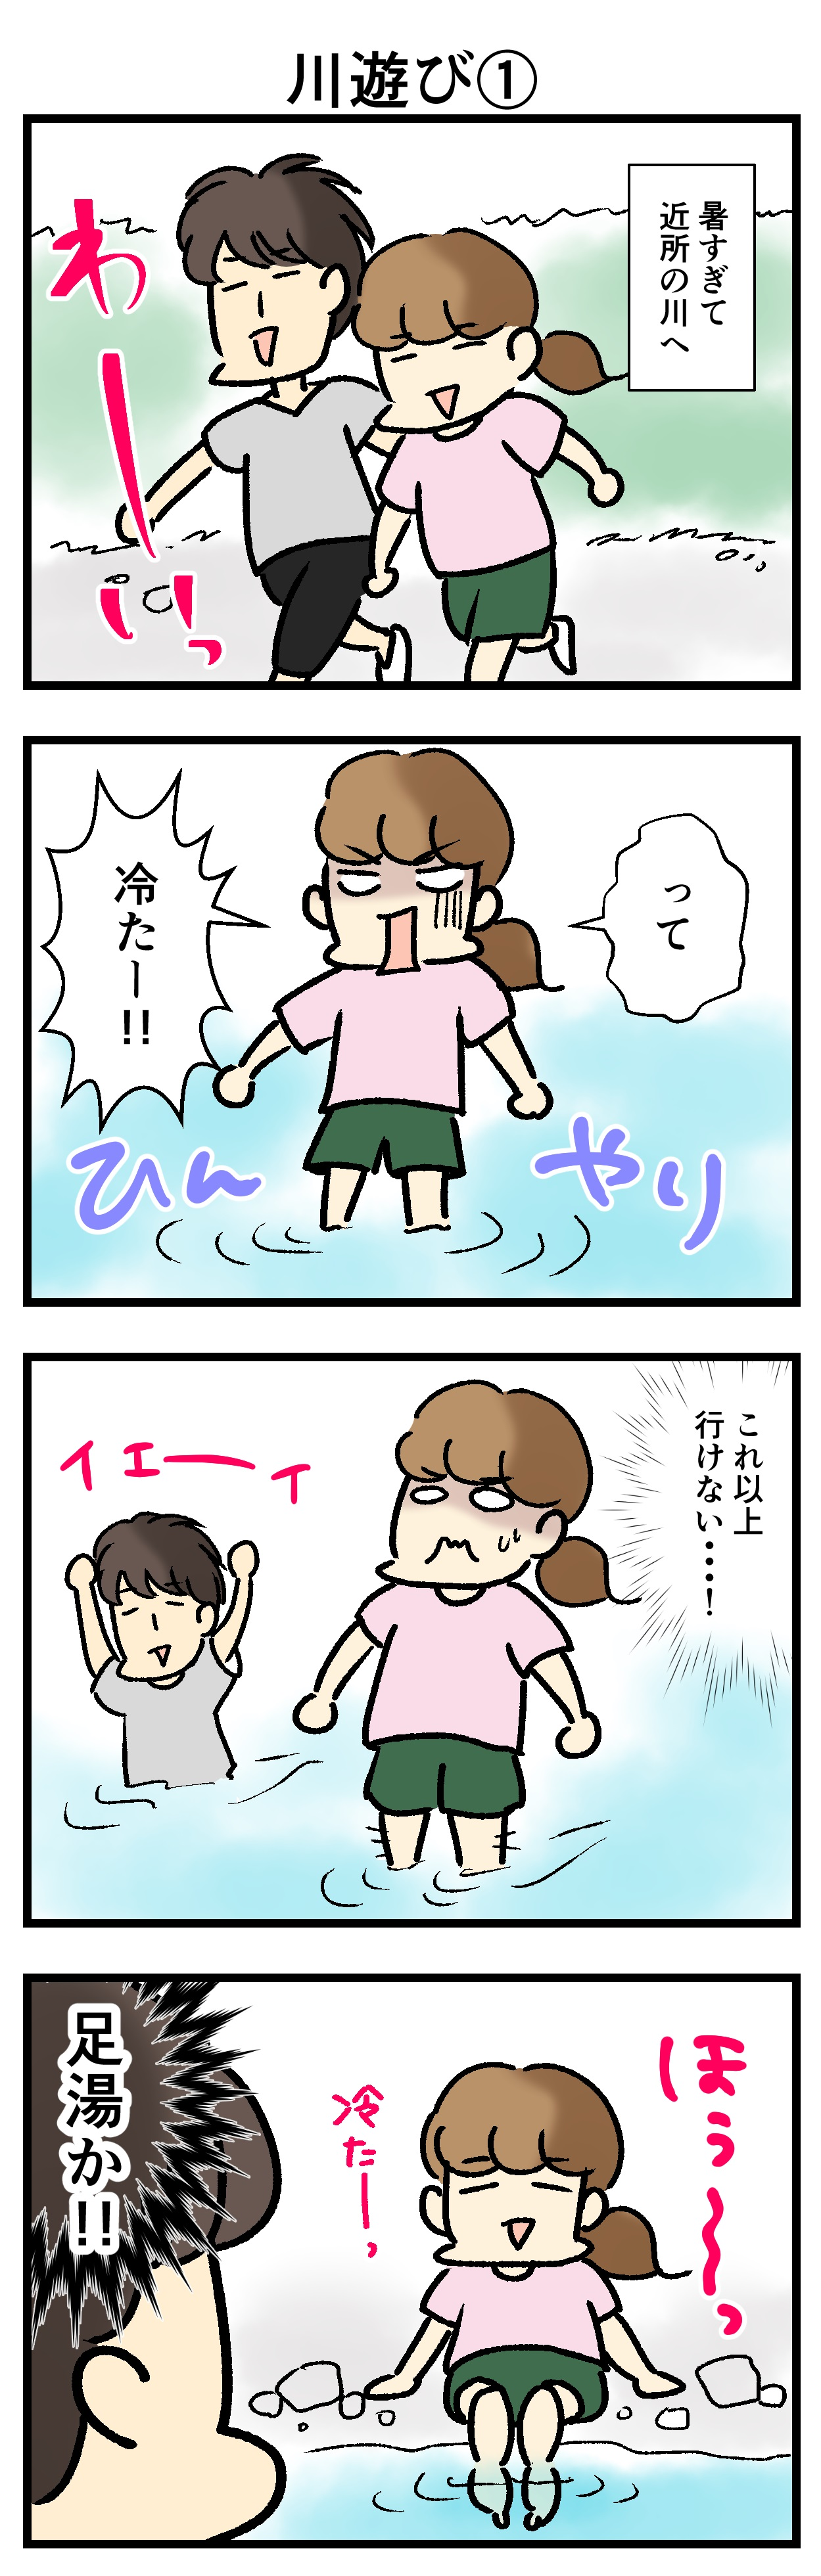 【エッセイ漫画】アラサー主婦くま子のふがいない日常(130)